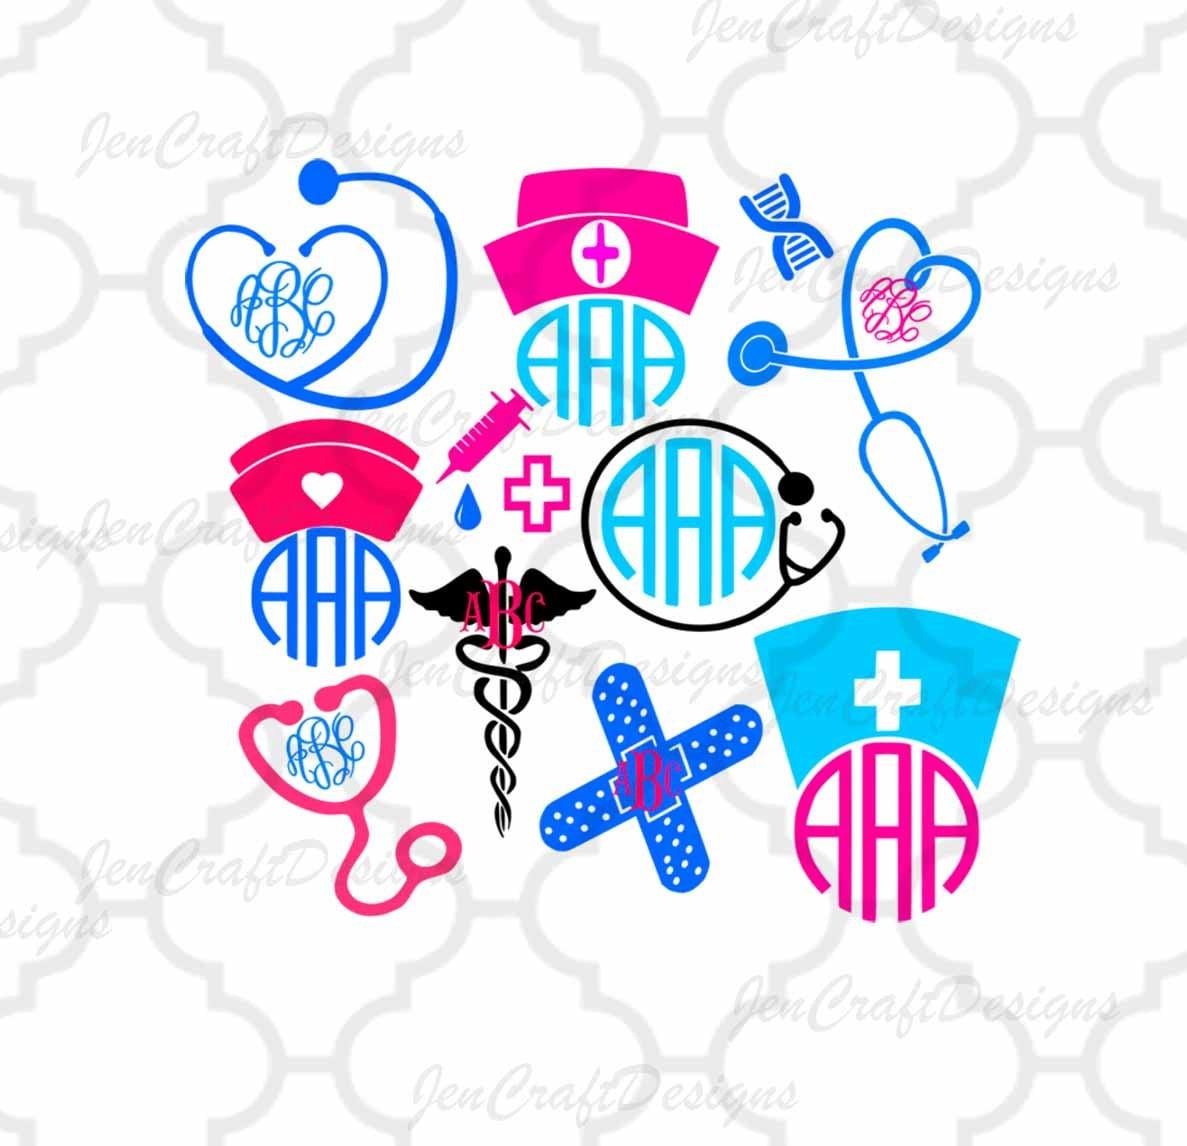 Nurse SVG Stethoscope SVG Nursing Svg EPS Png Dxf, cut file set for ... for Nursing Symbol Png  155fiz